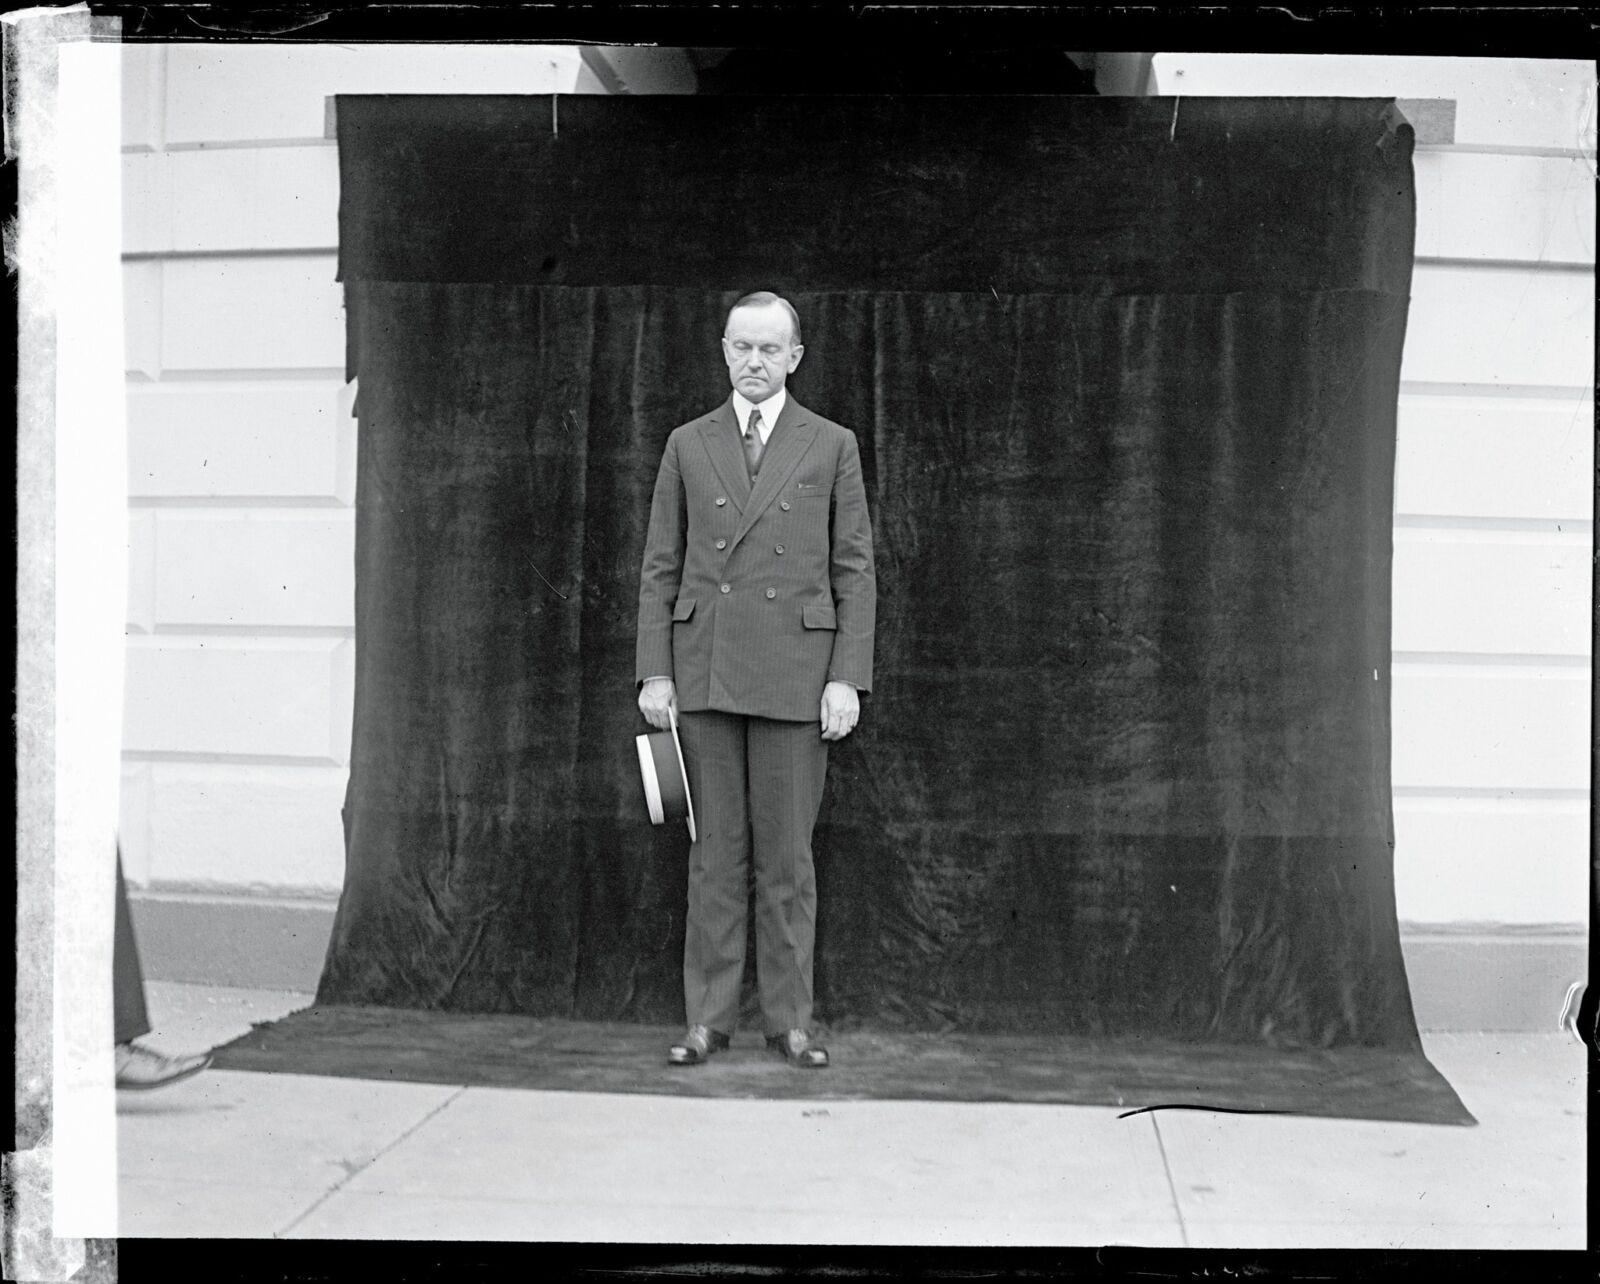 カルビン・クーリッジ大統領